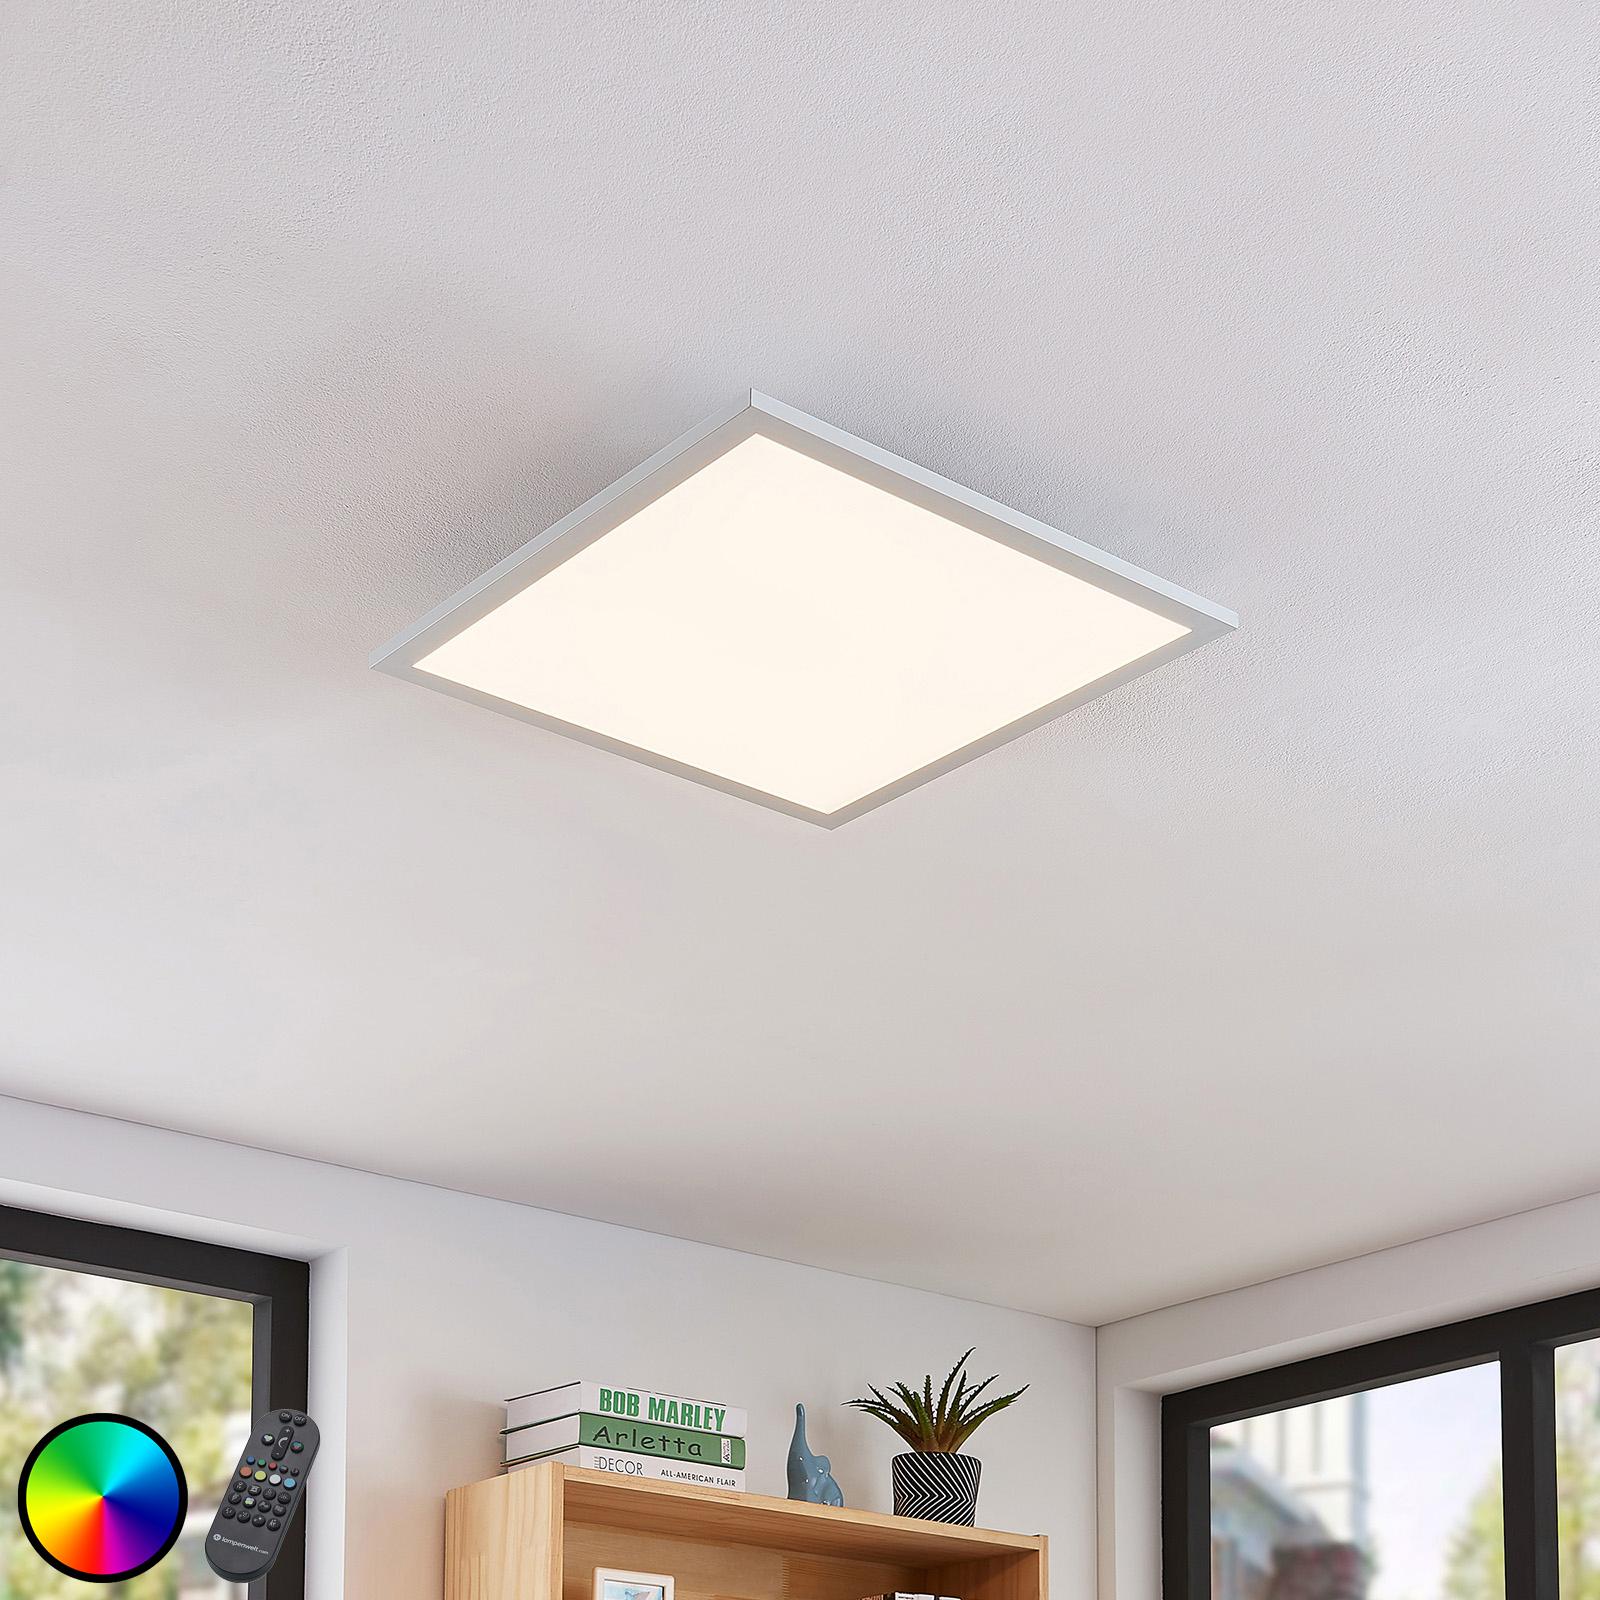 LED-Deckenleuchte Milian mit Fernbedienung 45x45cm